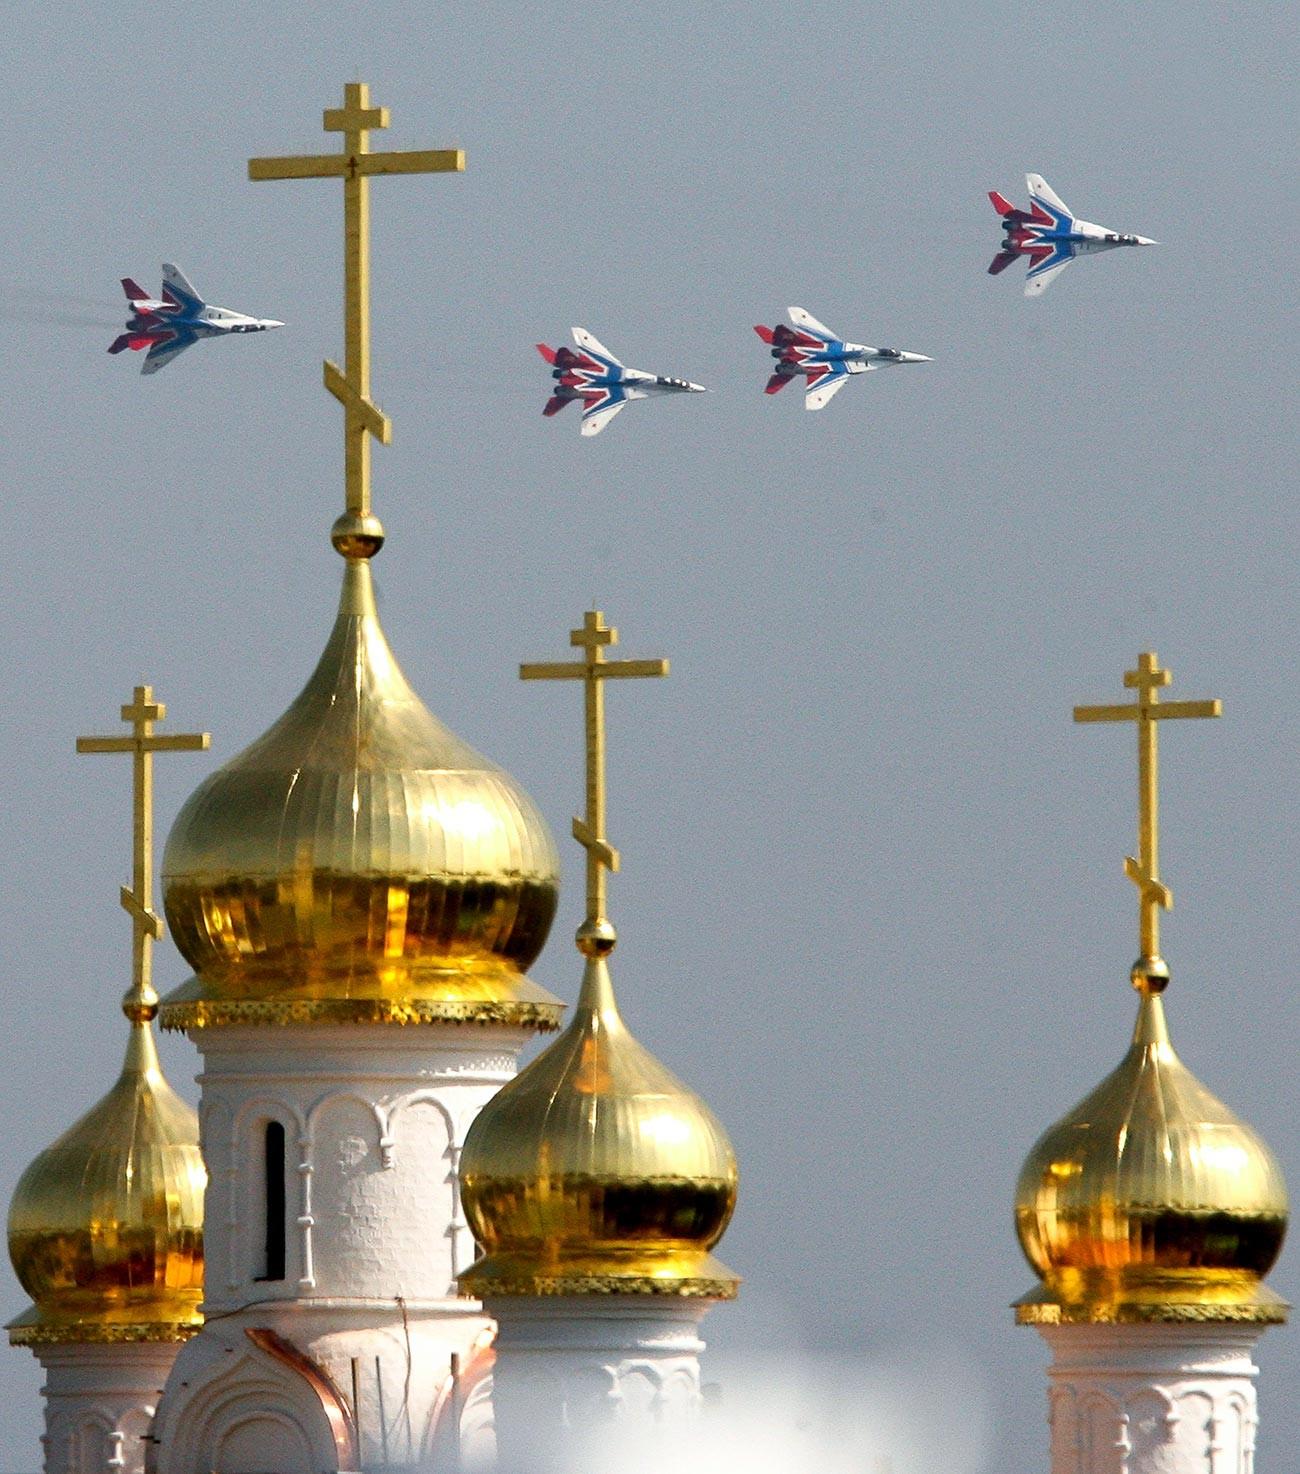 Andorinhas em formação sobre igreja ortodoxa durante o show aéreo internacional MAKS-2007, em Jukóvski